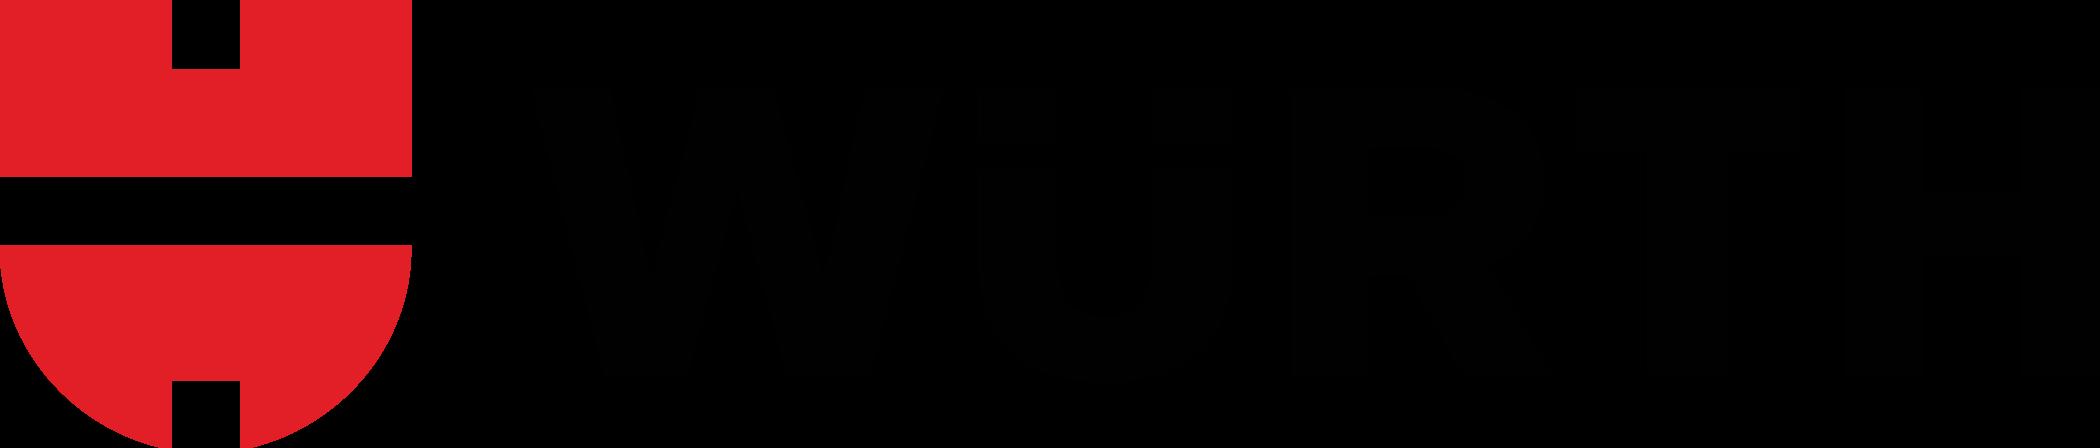 Würth logo 1 - Wurth Logo